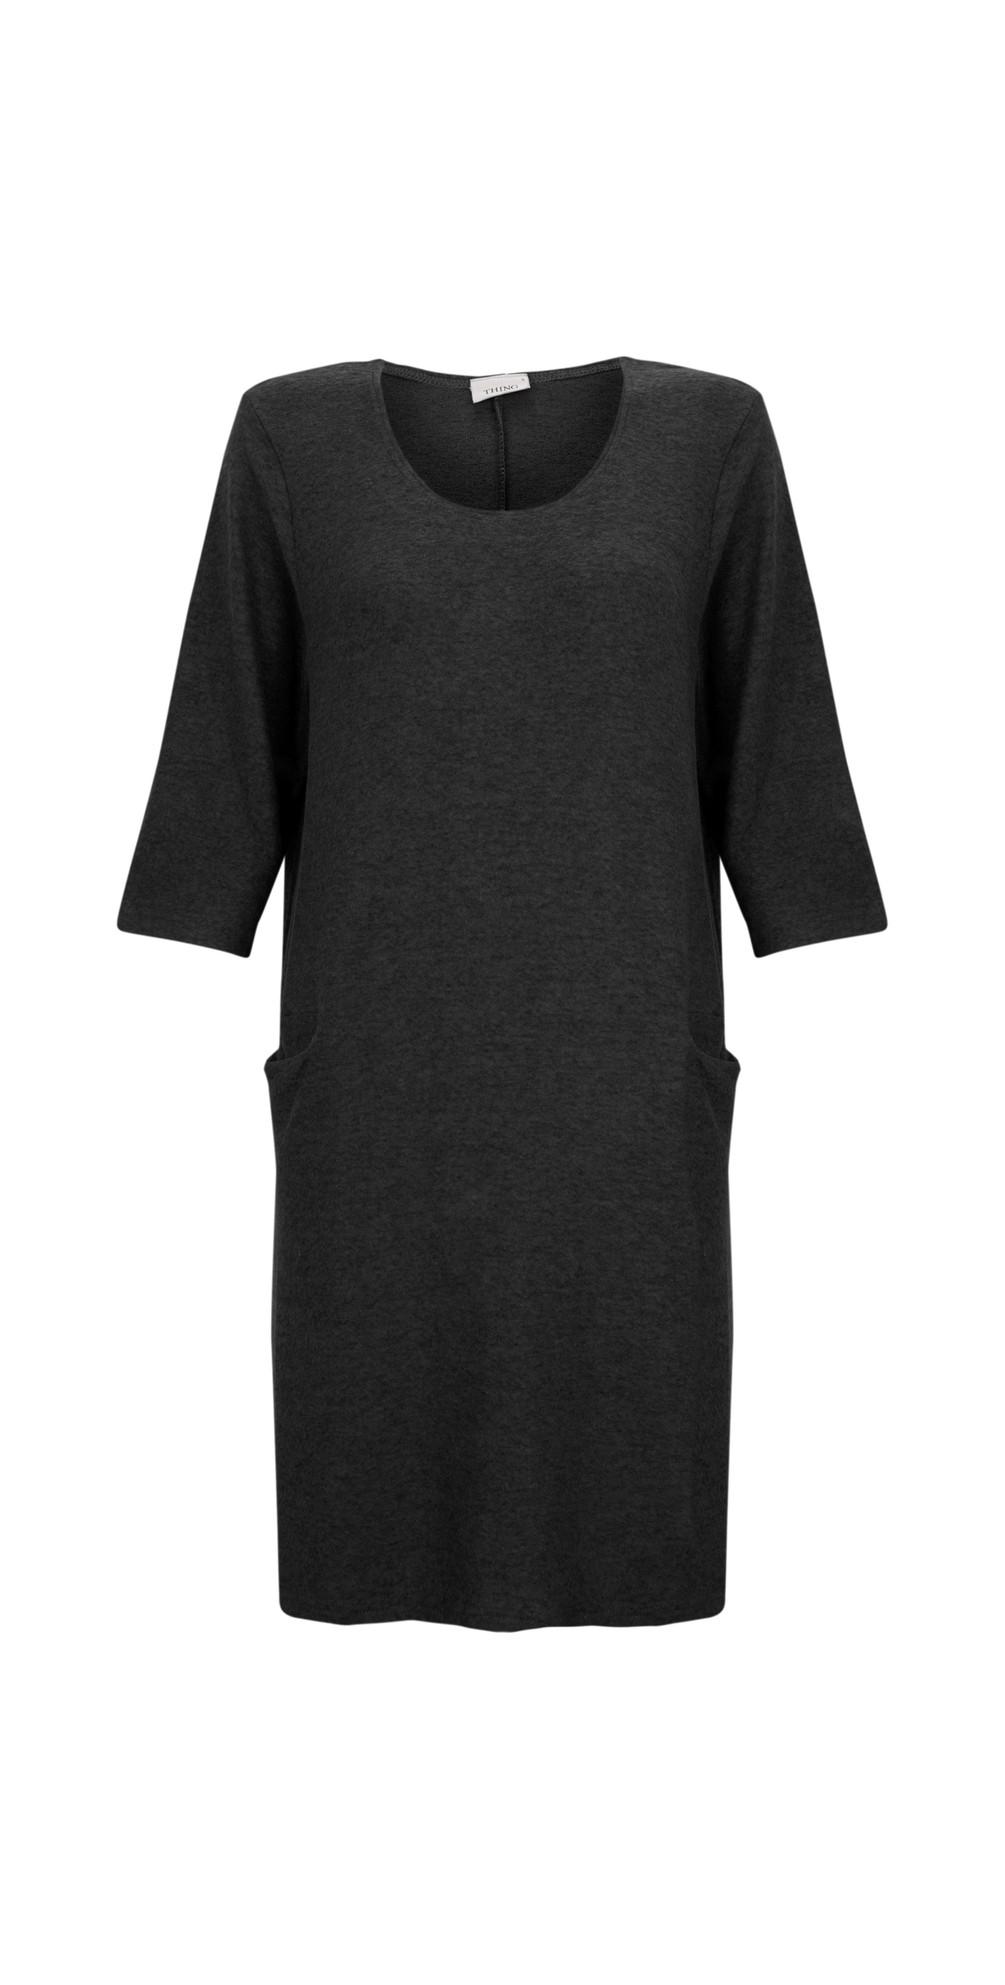 Supersoft Fleece Jet Pocket Dress main image